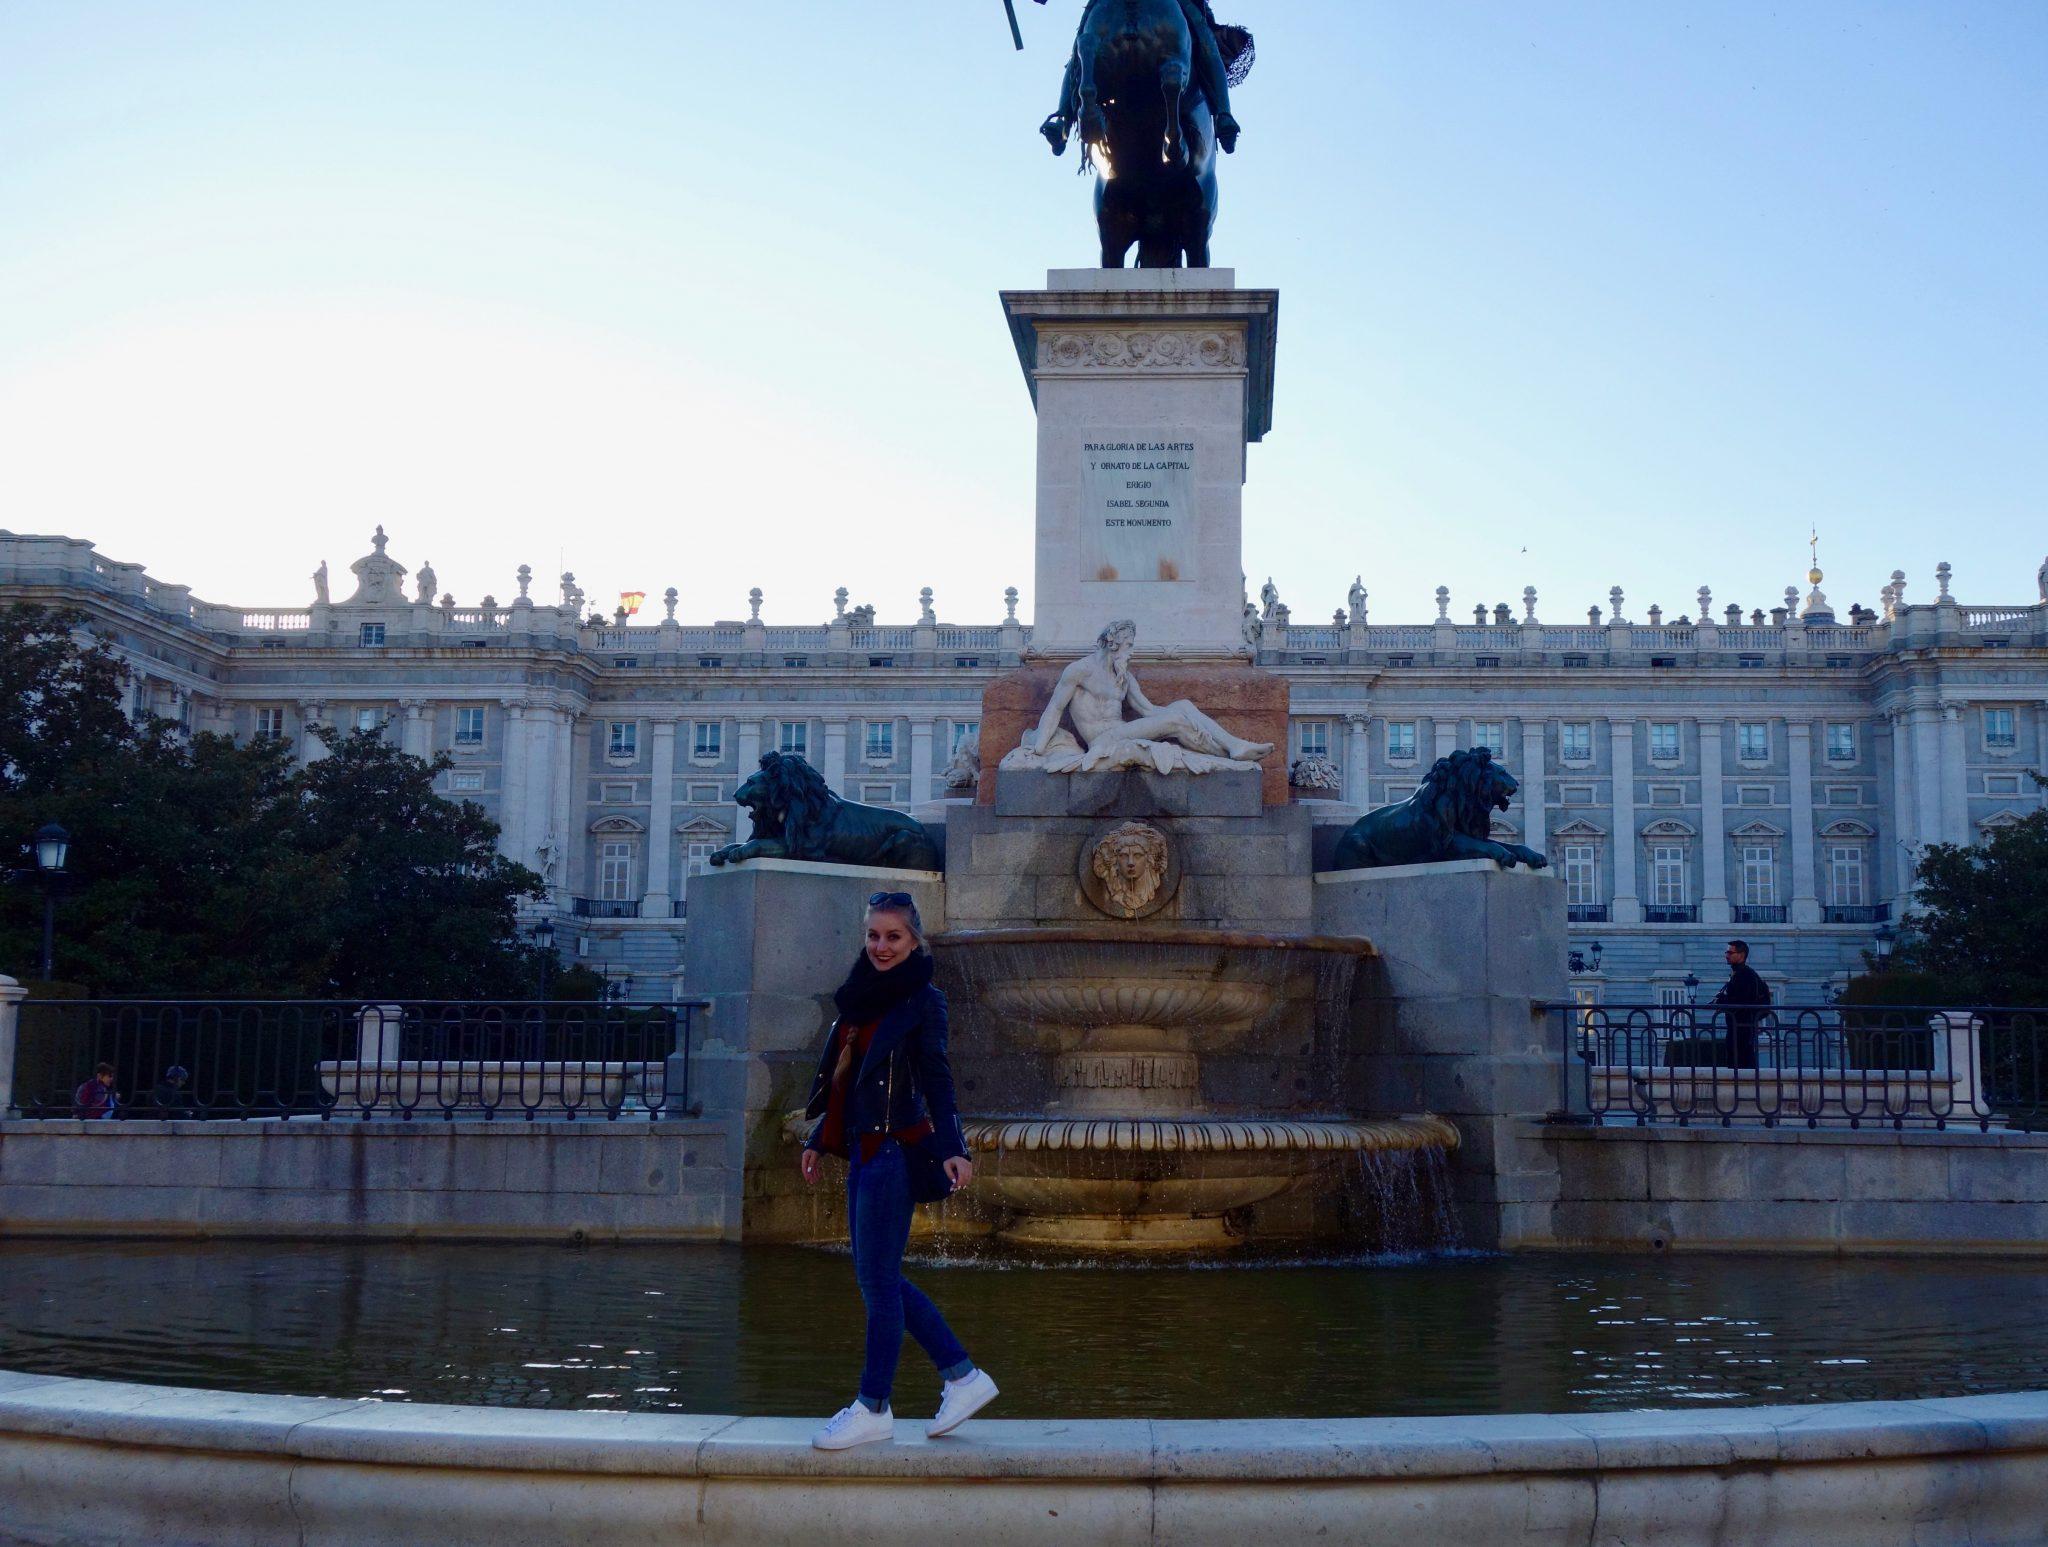 Madrid: Ein wunderschöner Brunnen vor dem spanischen Königspalast (Palacio Real)